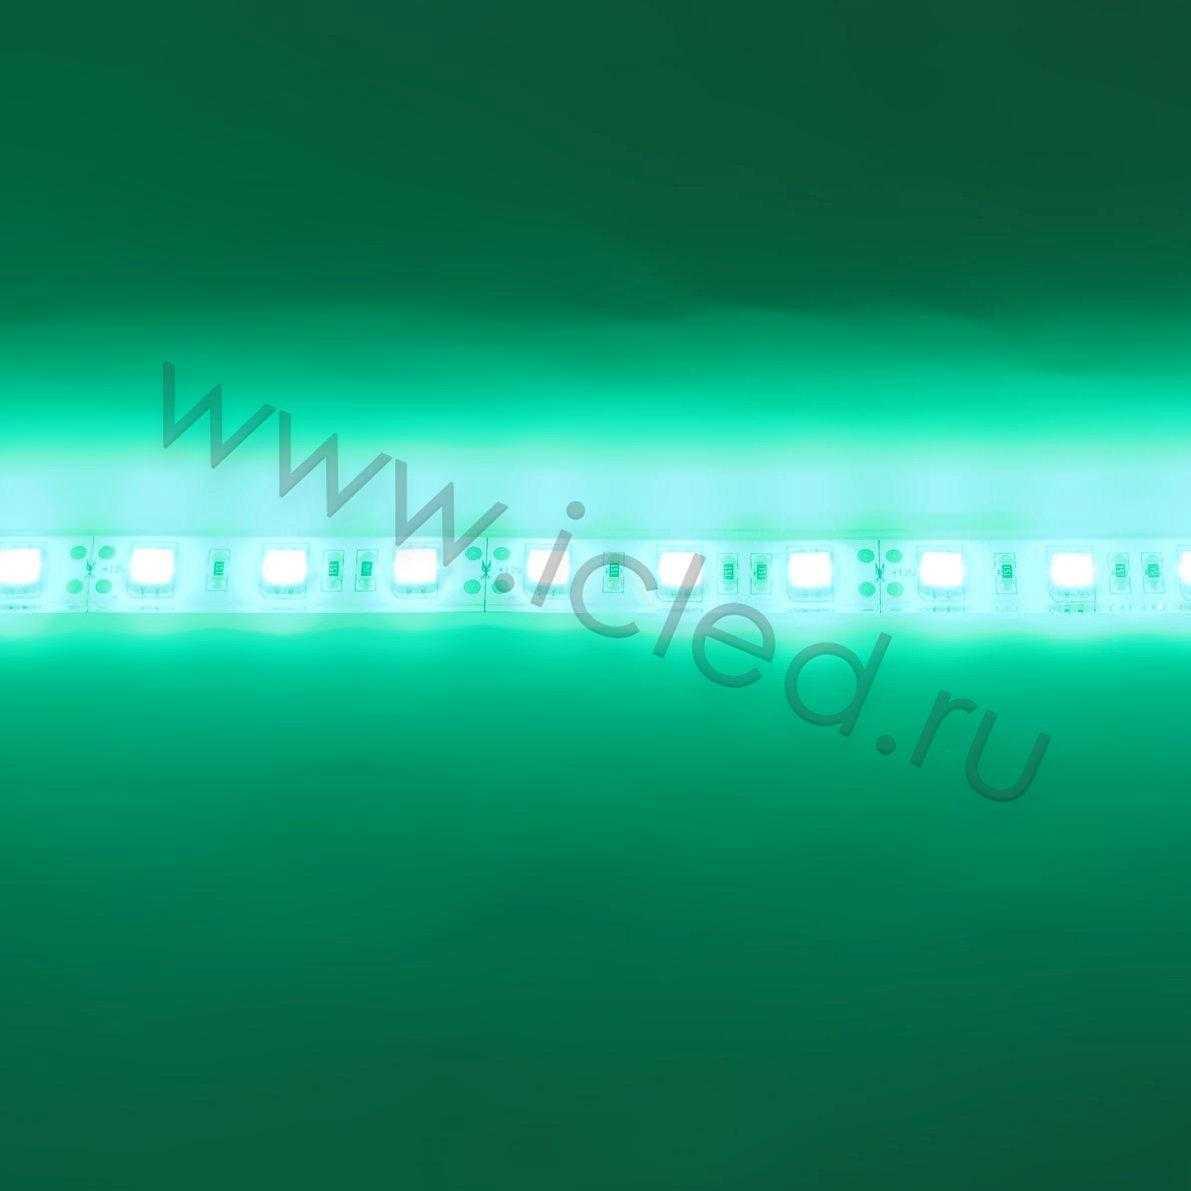 Светодиодная лента Class B, 5050, 60led/m, Green, 12V, IP68